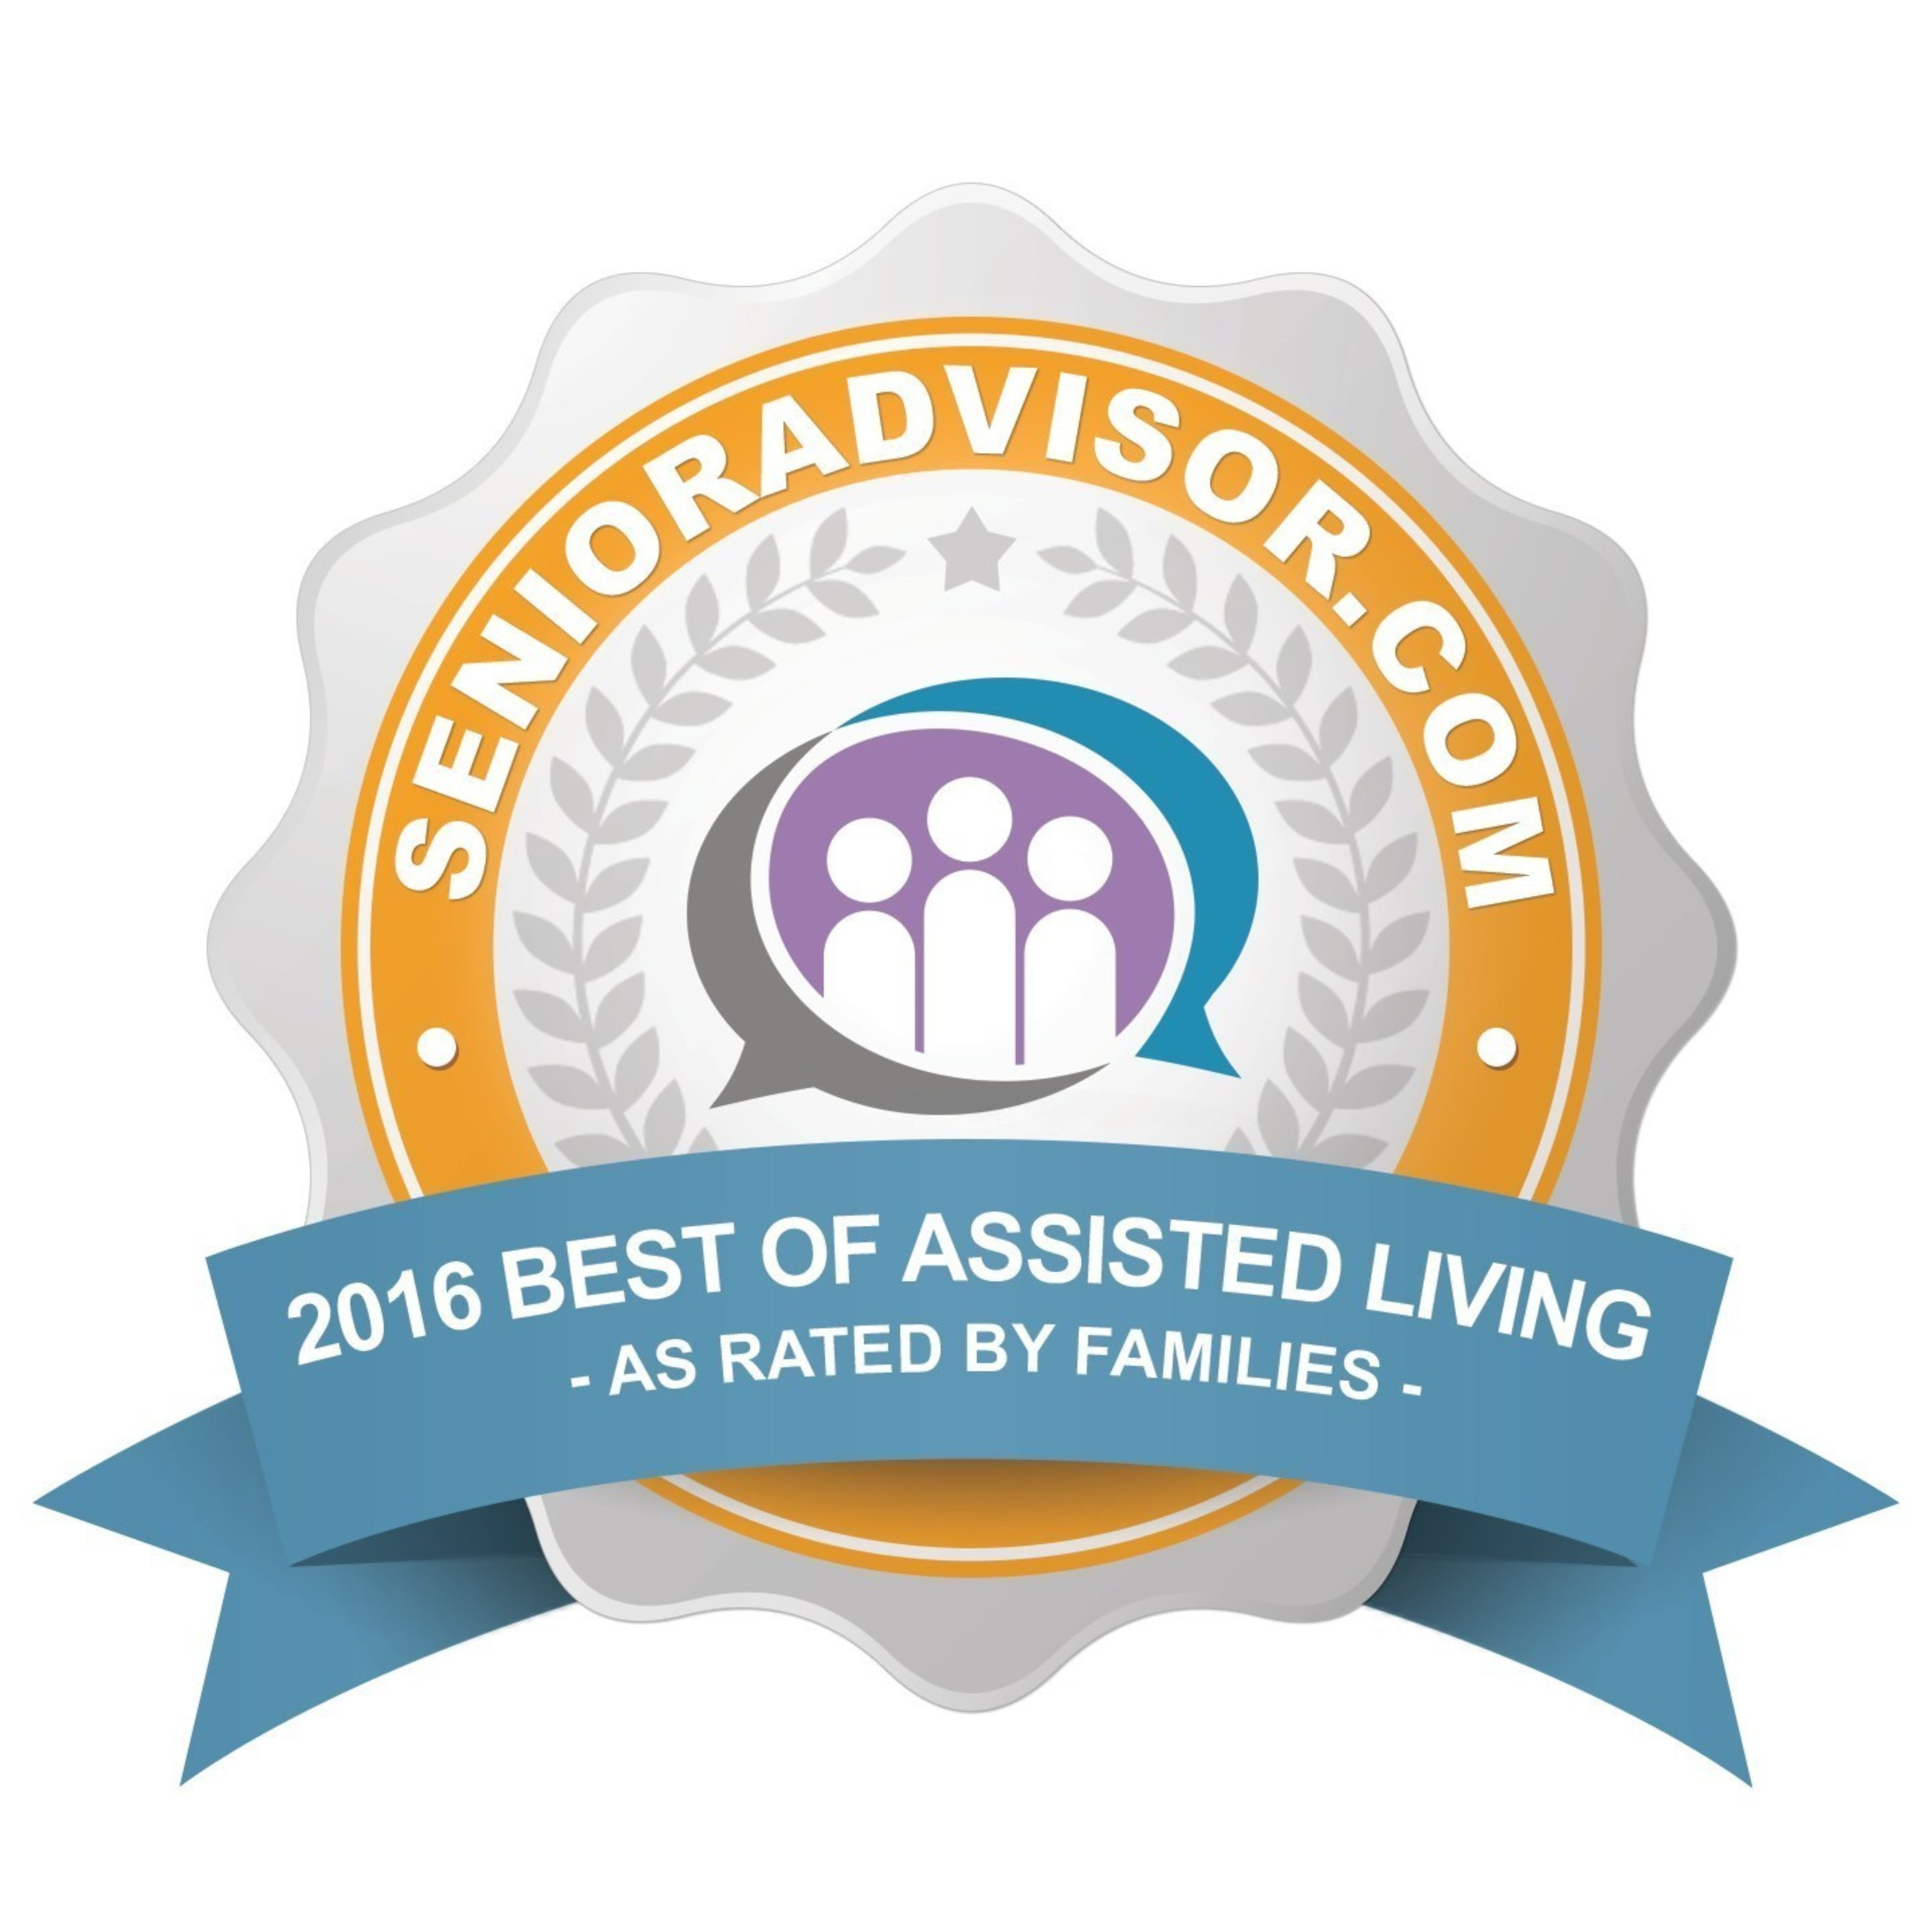 52 Enlivant Communities Win 2016 Best of Assisted Living Awards from SeniorAdvisor.com